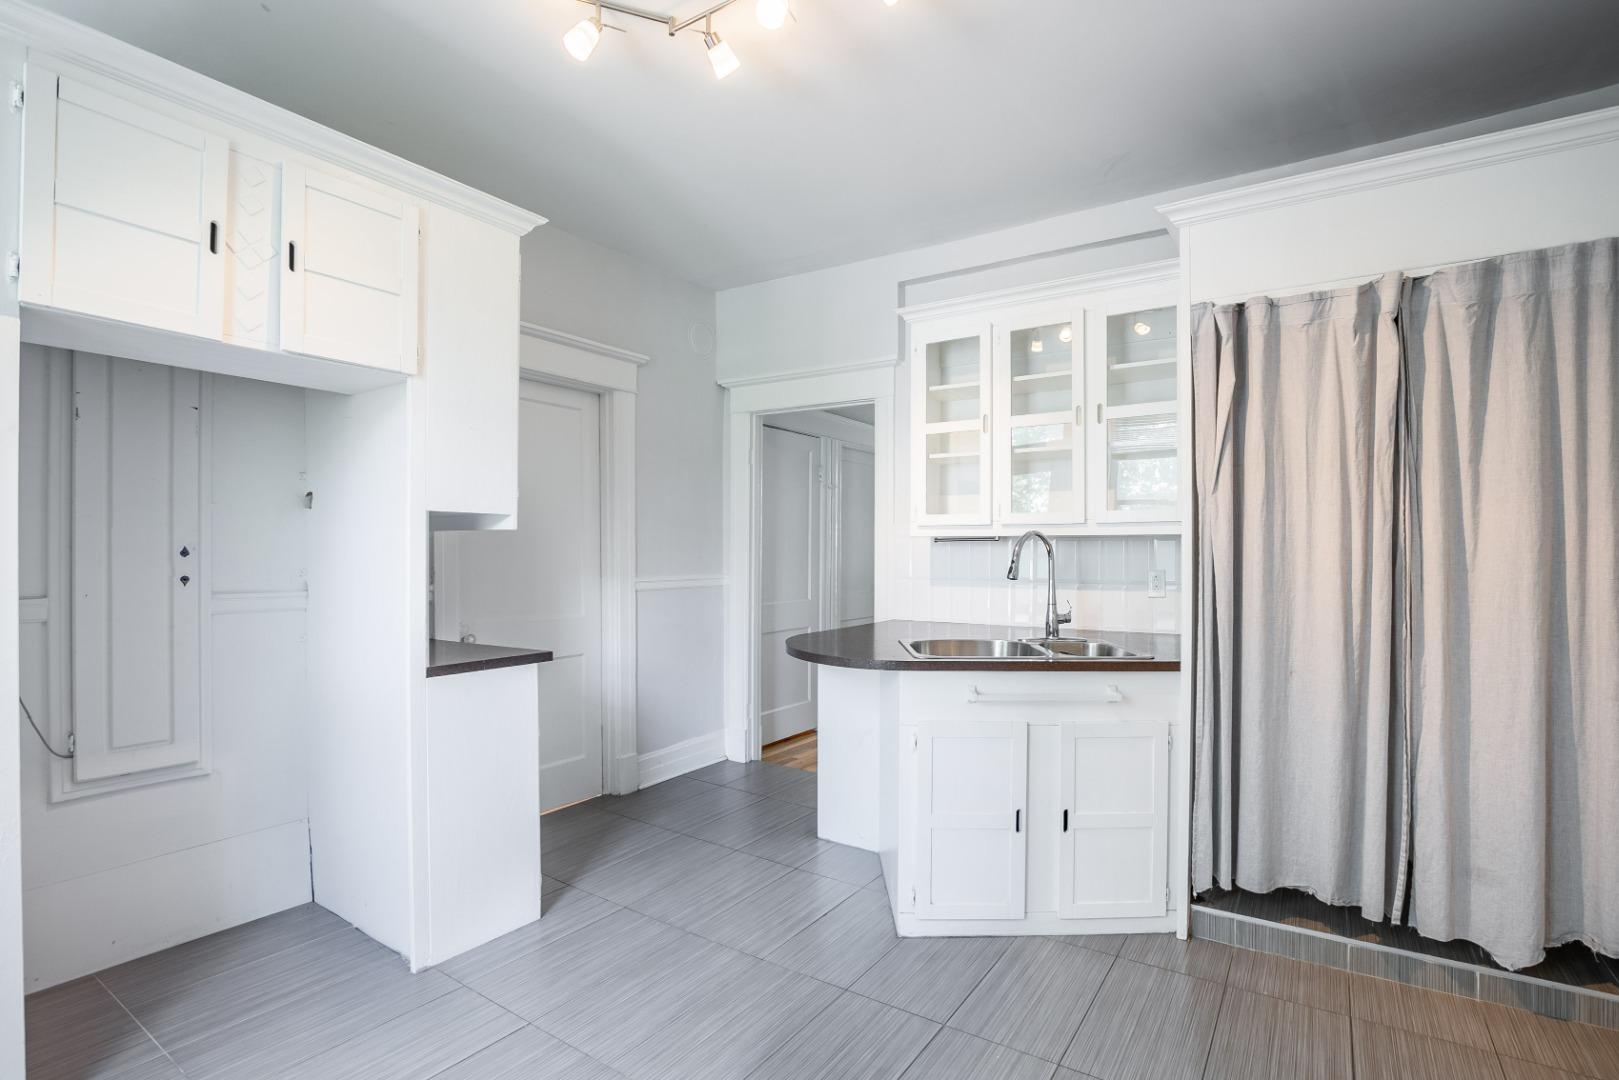 Appartement à louer Rosemont - 6403, rue de Bordeaux 15